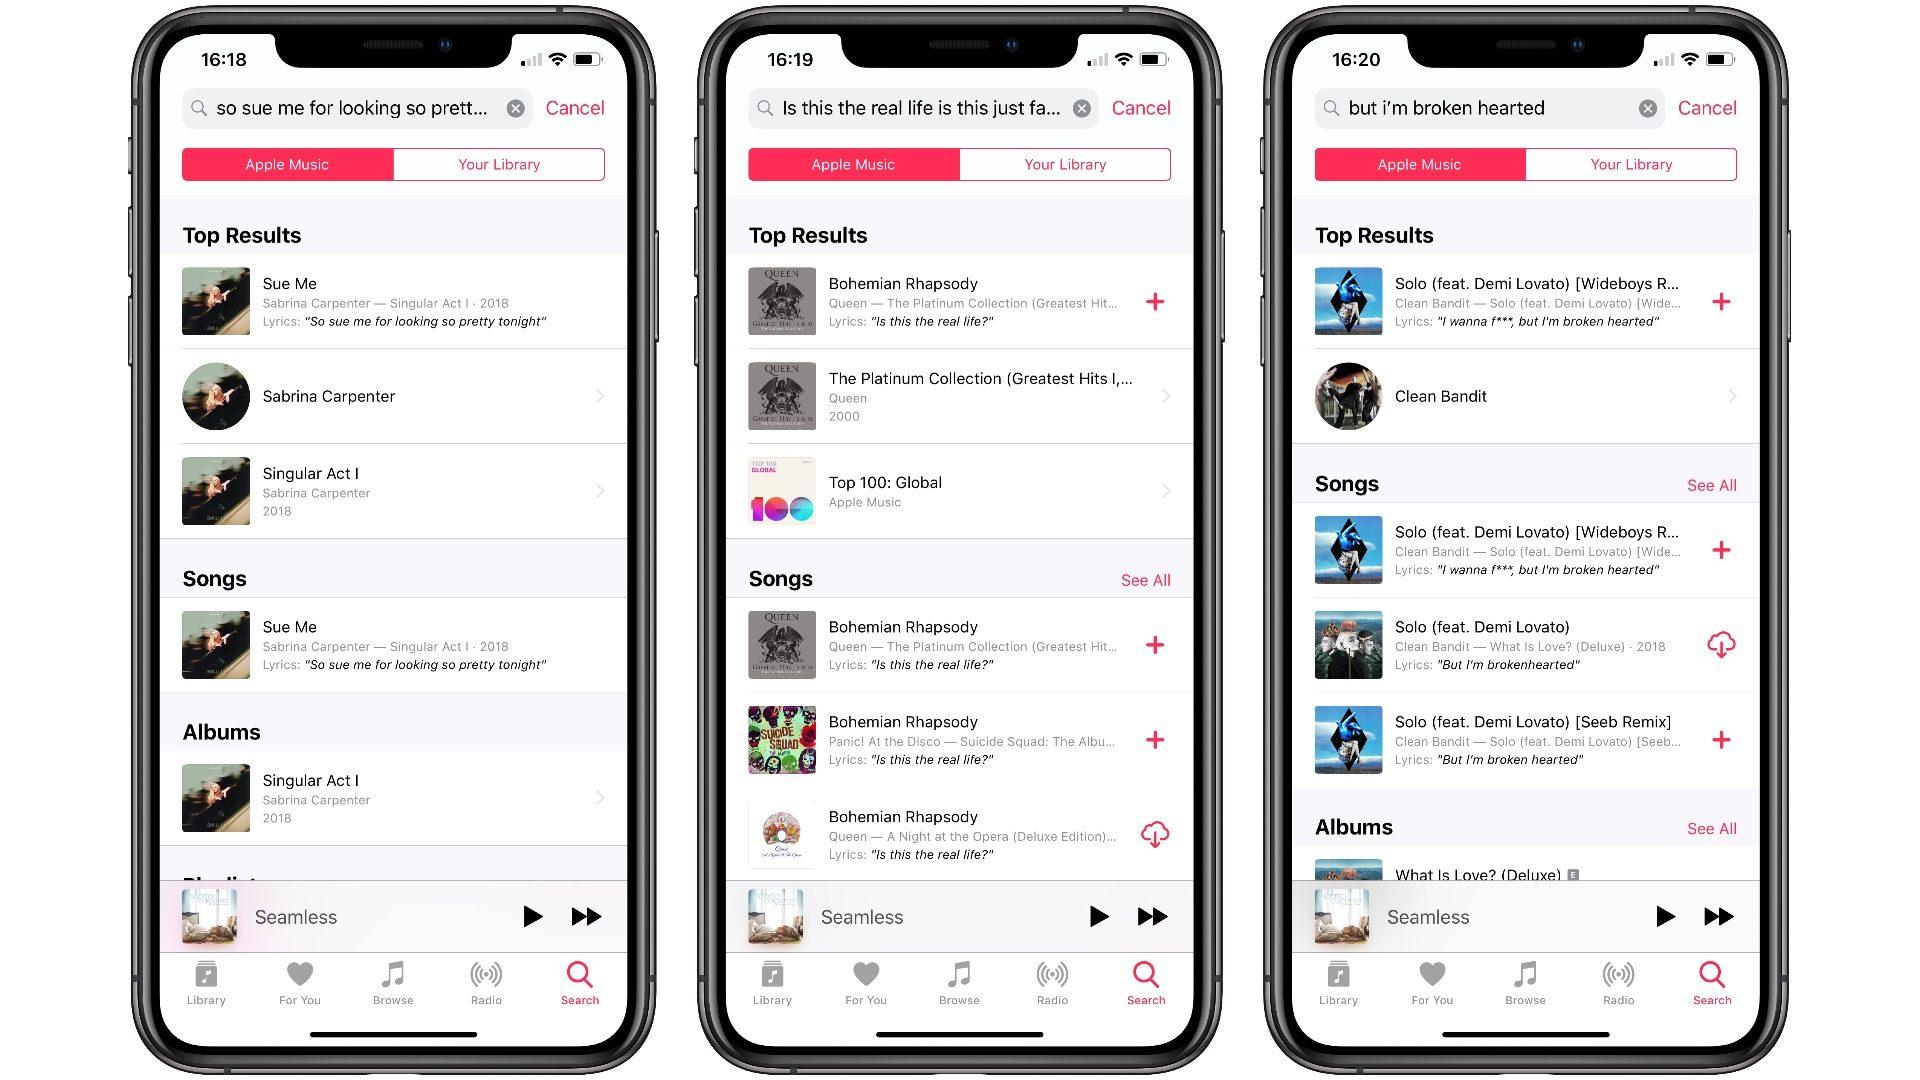 Les paroles de chansons désormais disponibles dans Apple Music en France notamment 1